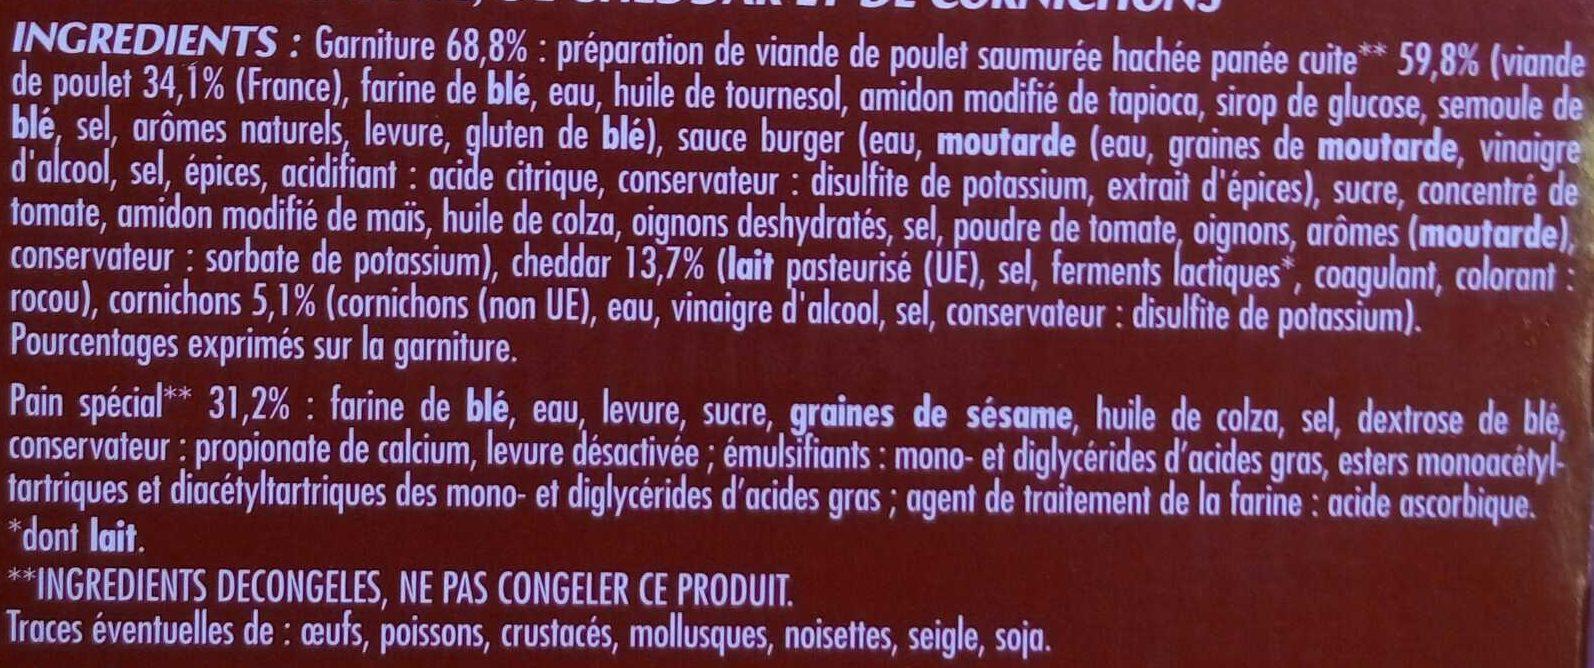 Chicken Burger Mon Snack - Ingrédients